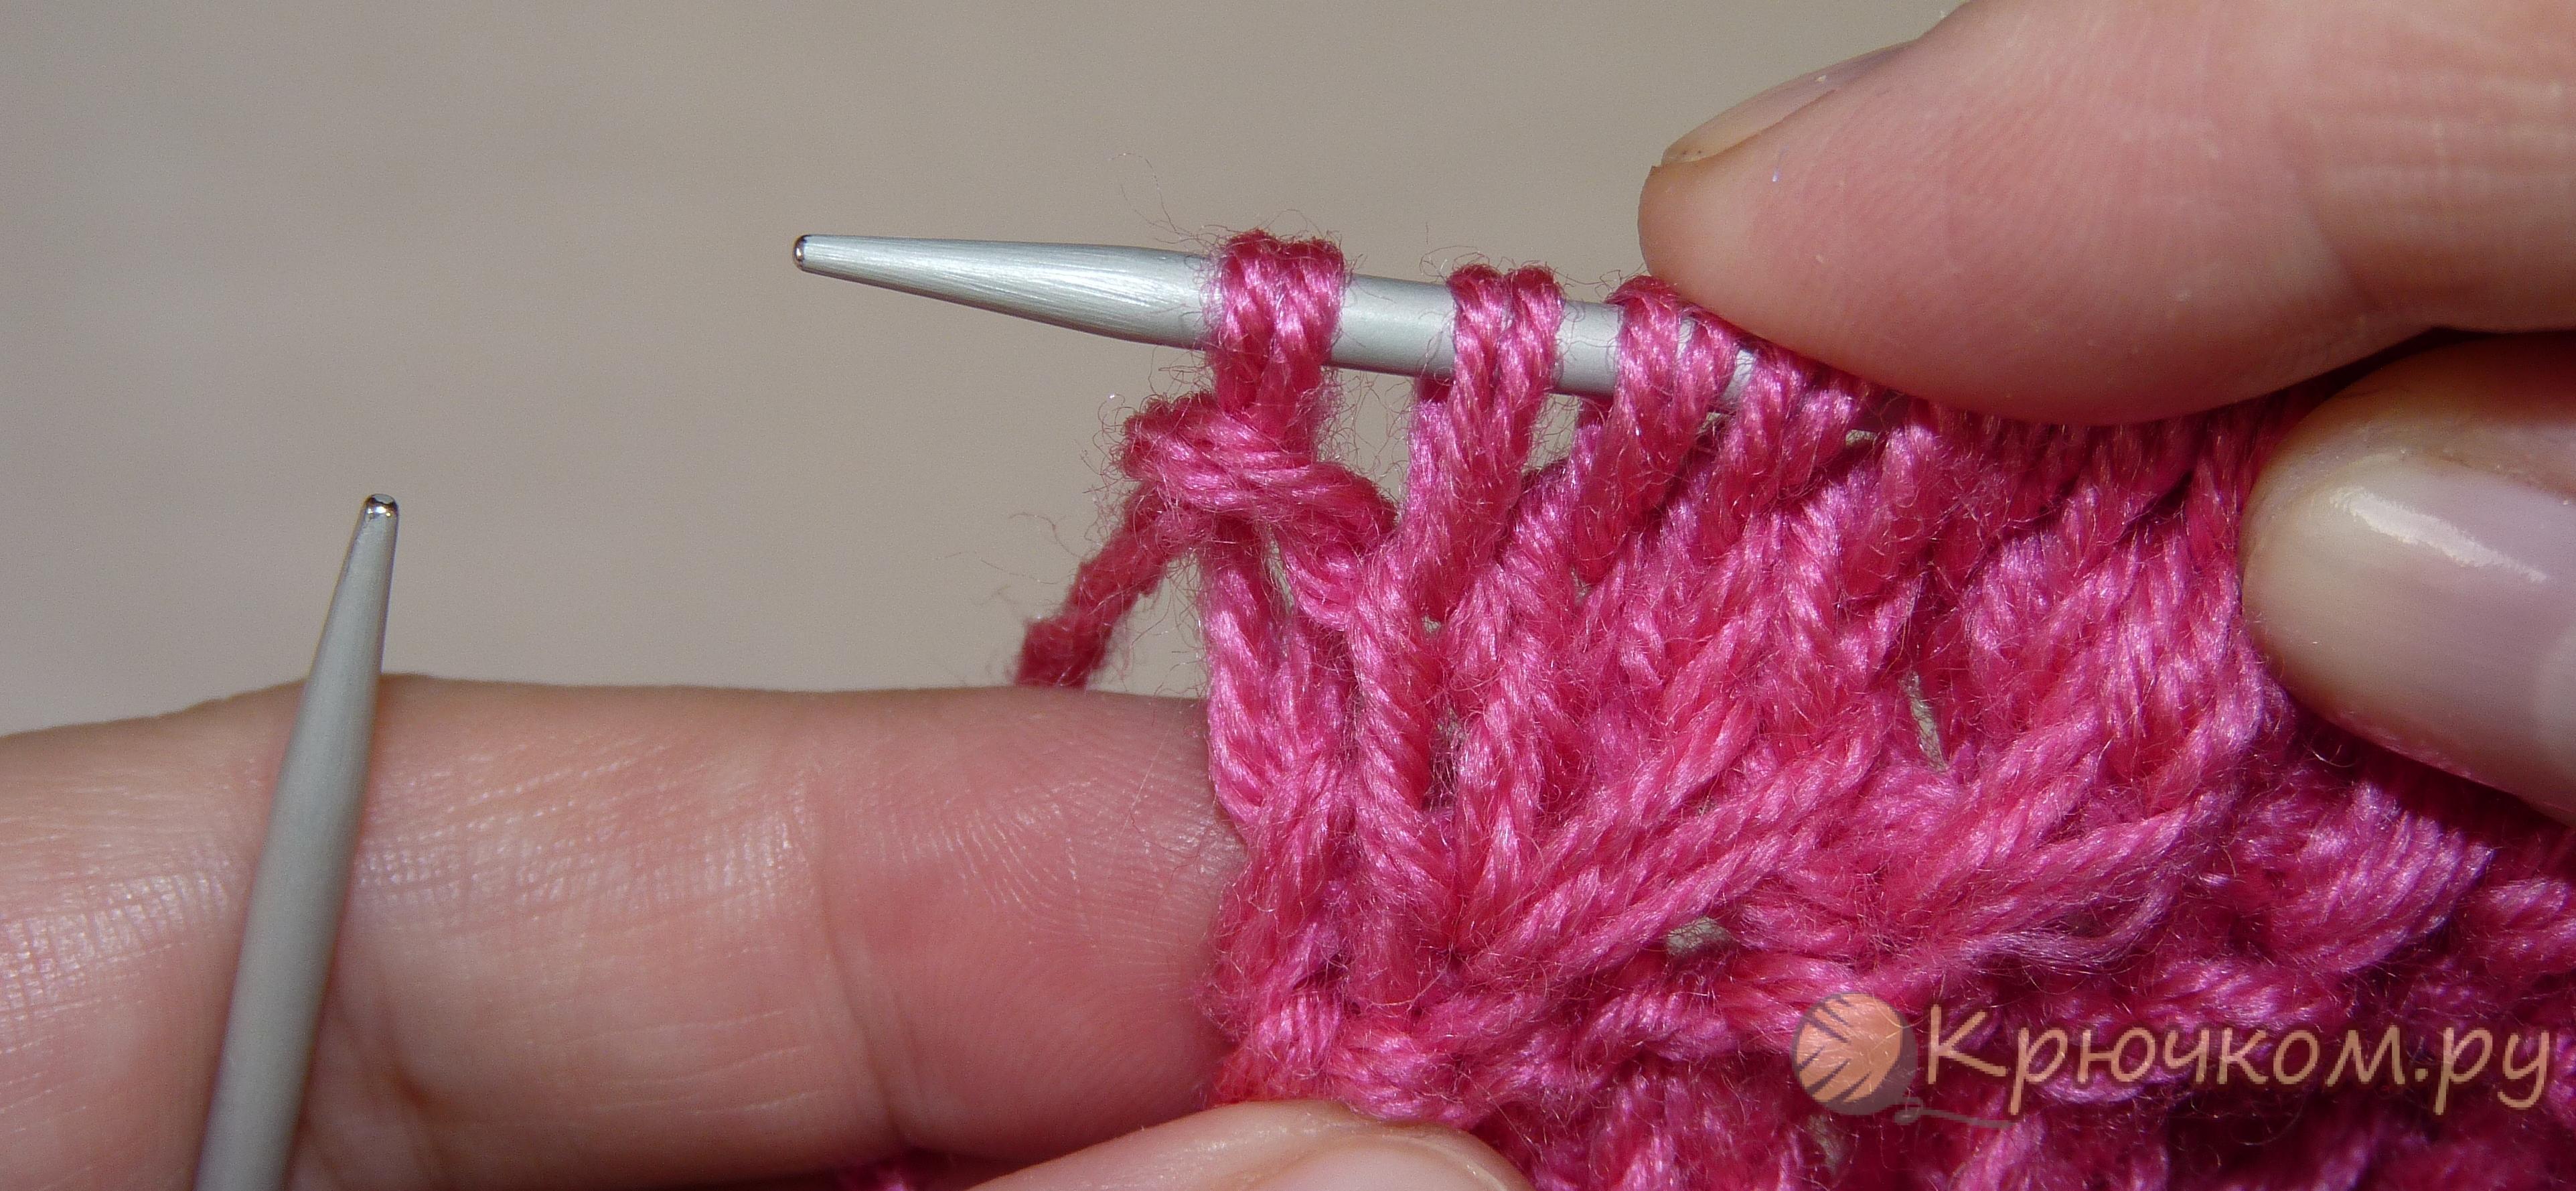 Кромочная петля спицами: расскажем как вязать для шарфа